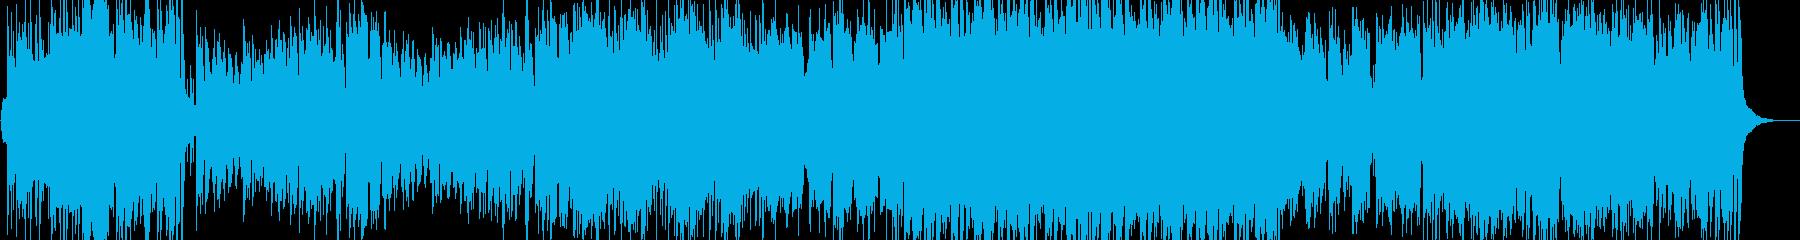 侍和風オーケストラゲームオープニングの再生済みの波形